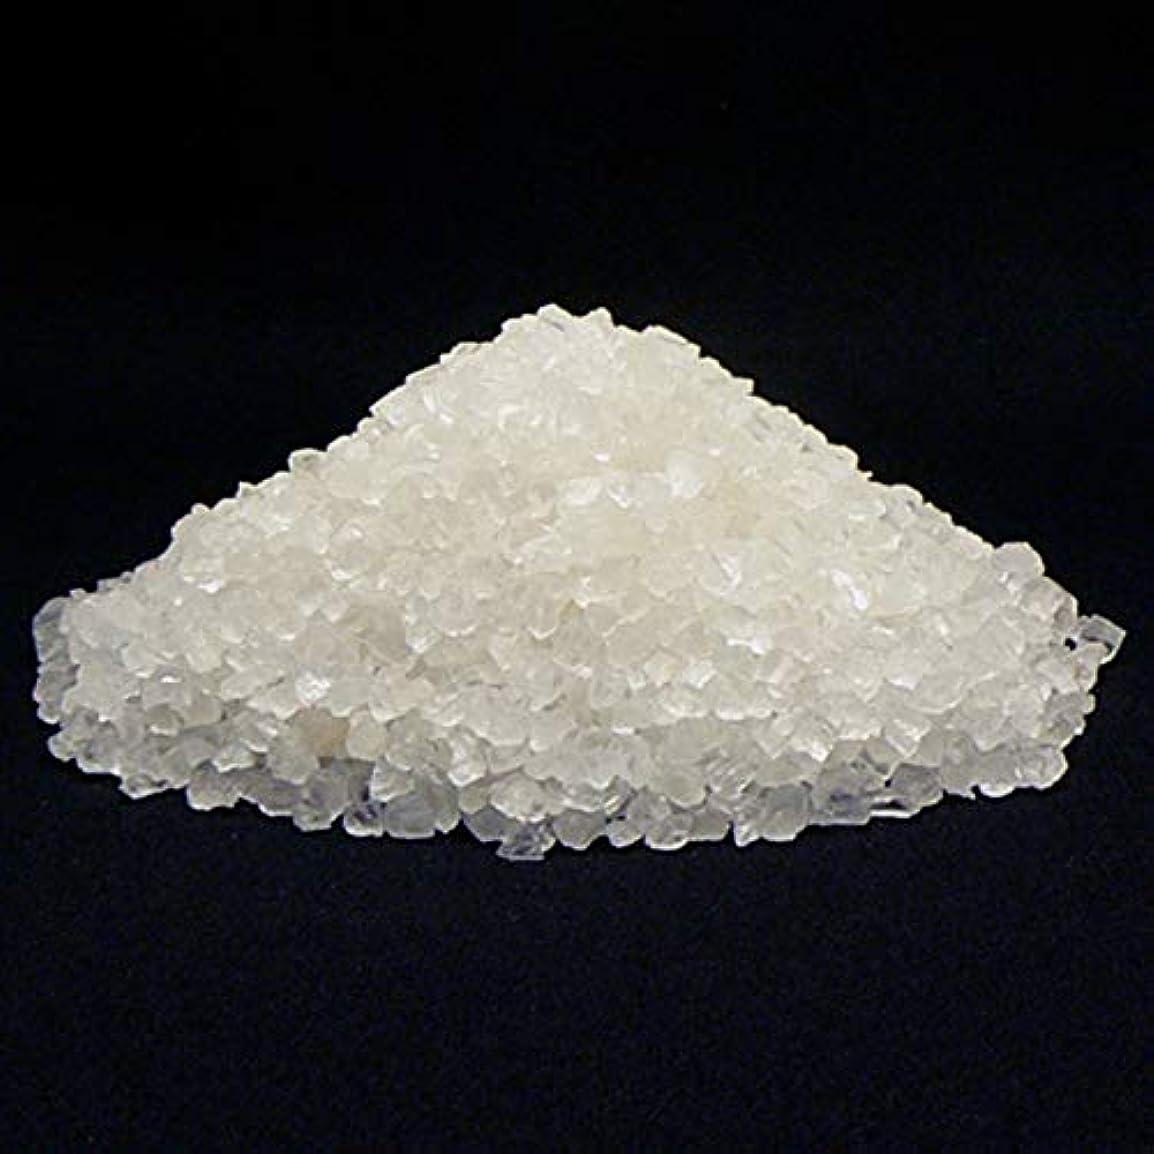 振動させるアクセスできないロンドンヒマラヤ岩塩 クリスタルソルト 入浴用 バスソルト(小粒)クリスタル岩塩 白岩塩 (2kg+300g増量)